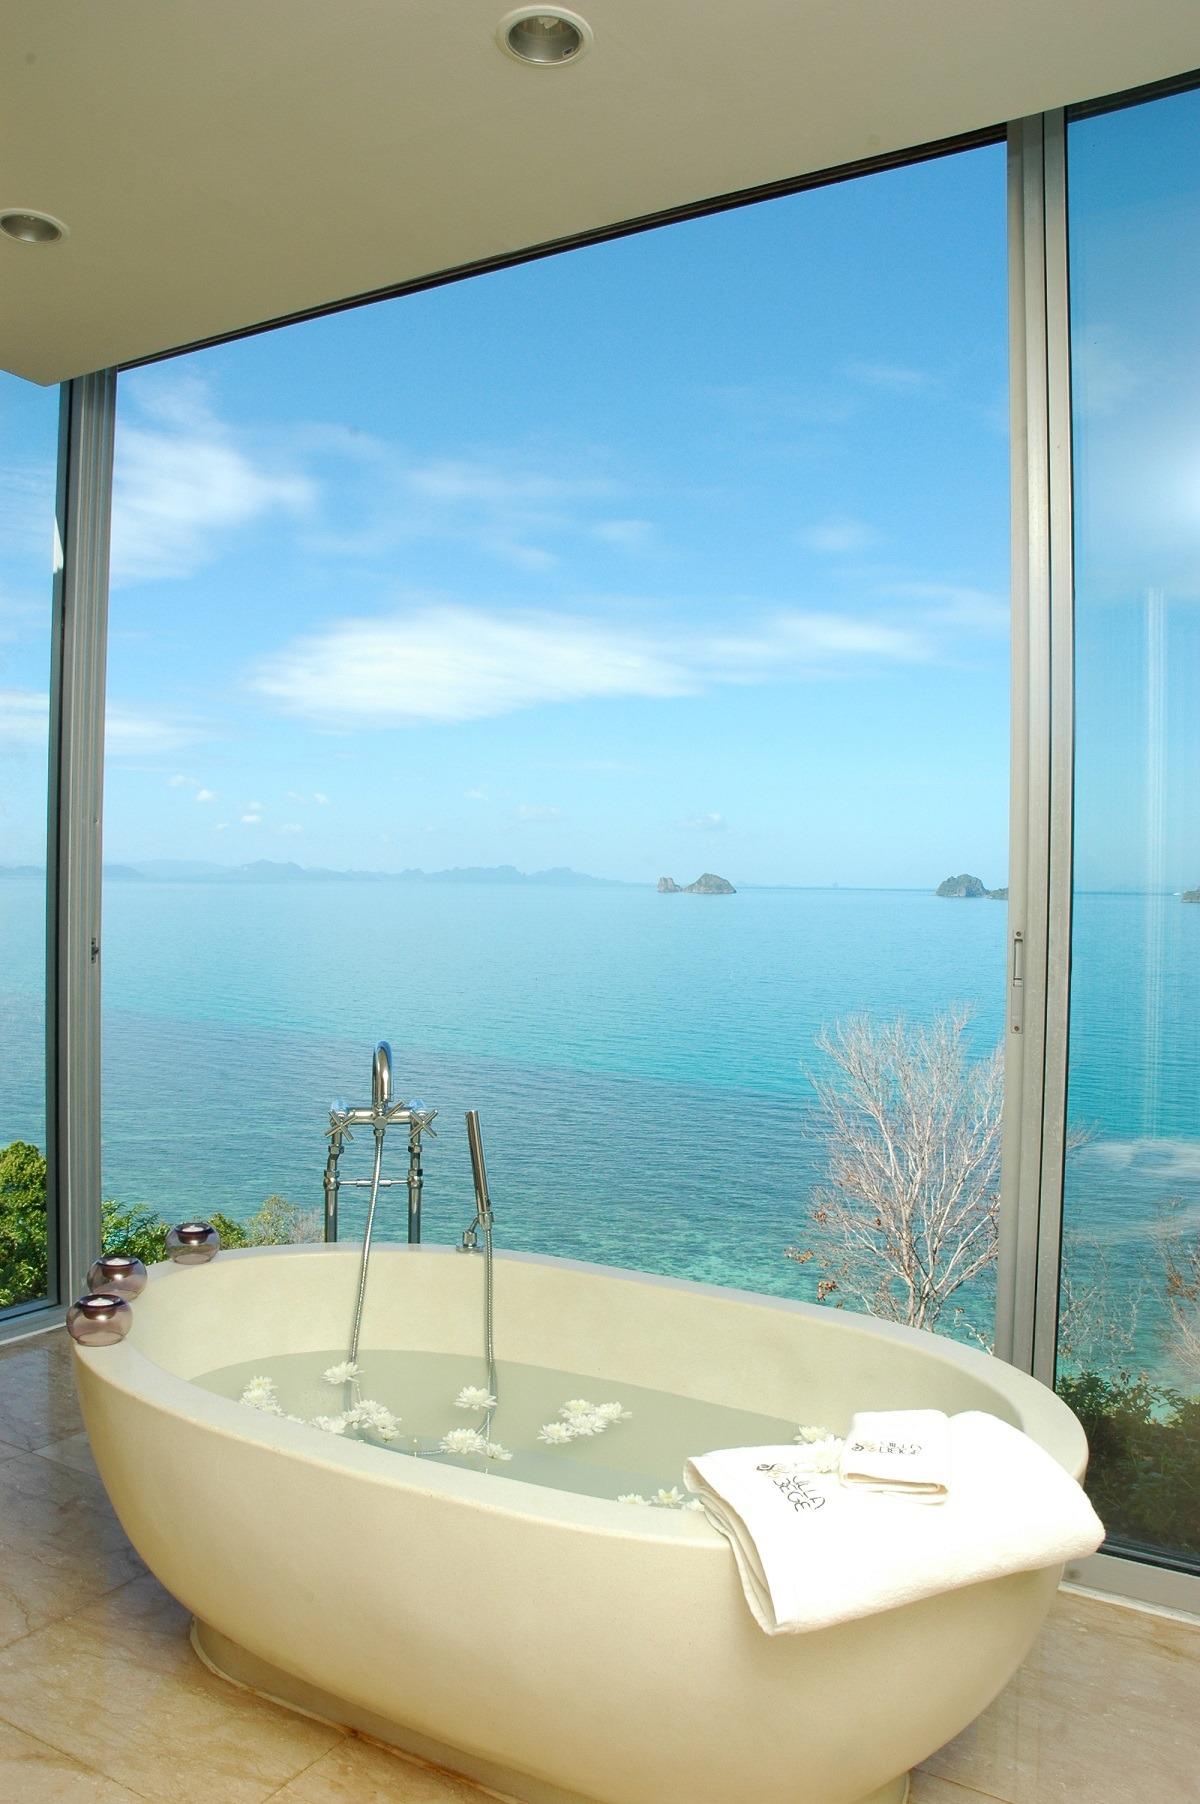 Villa Beige A stylish beachfront accommodation on...